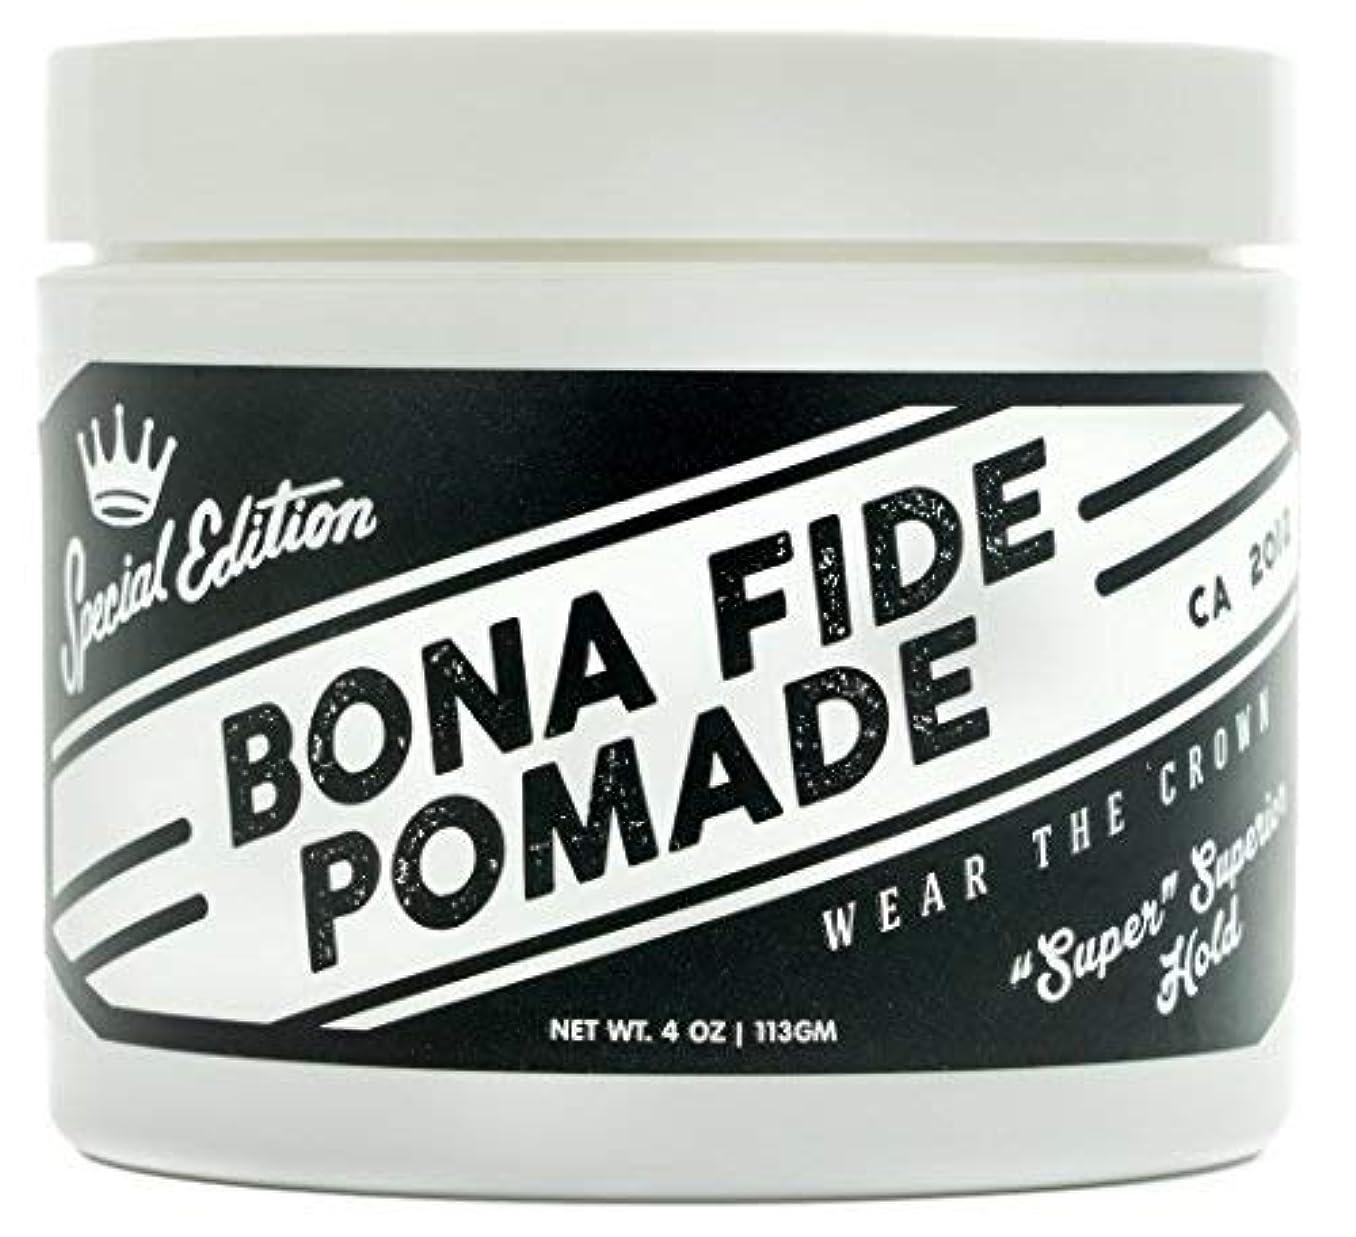 変動するサンドイッチ必要条件Bona Fide Pomade, スーパースーペリアホールドSE, 4OZ (113g)、水性ポマード/ヘアー グリース (整髪料)